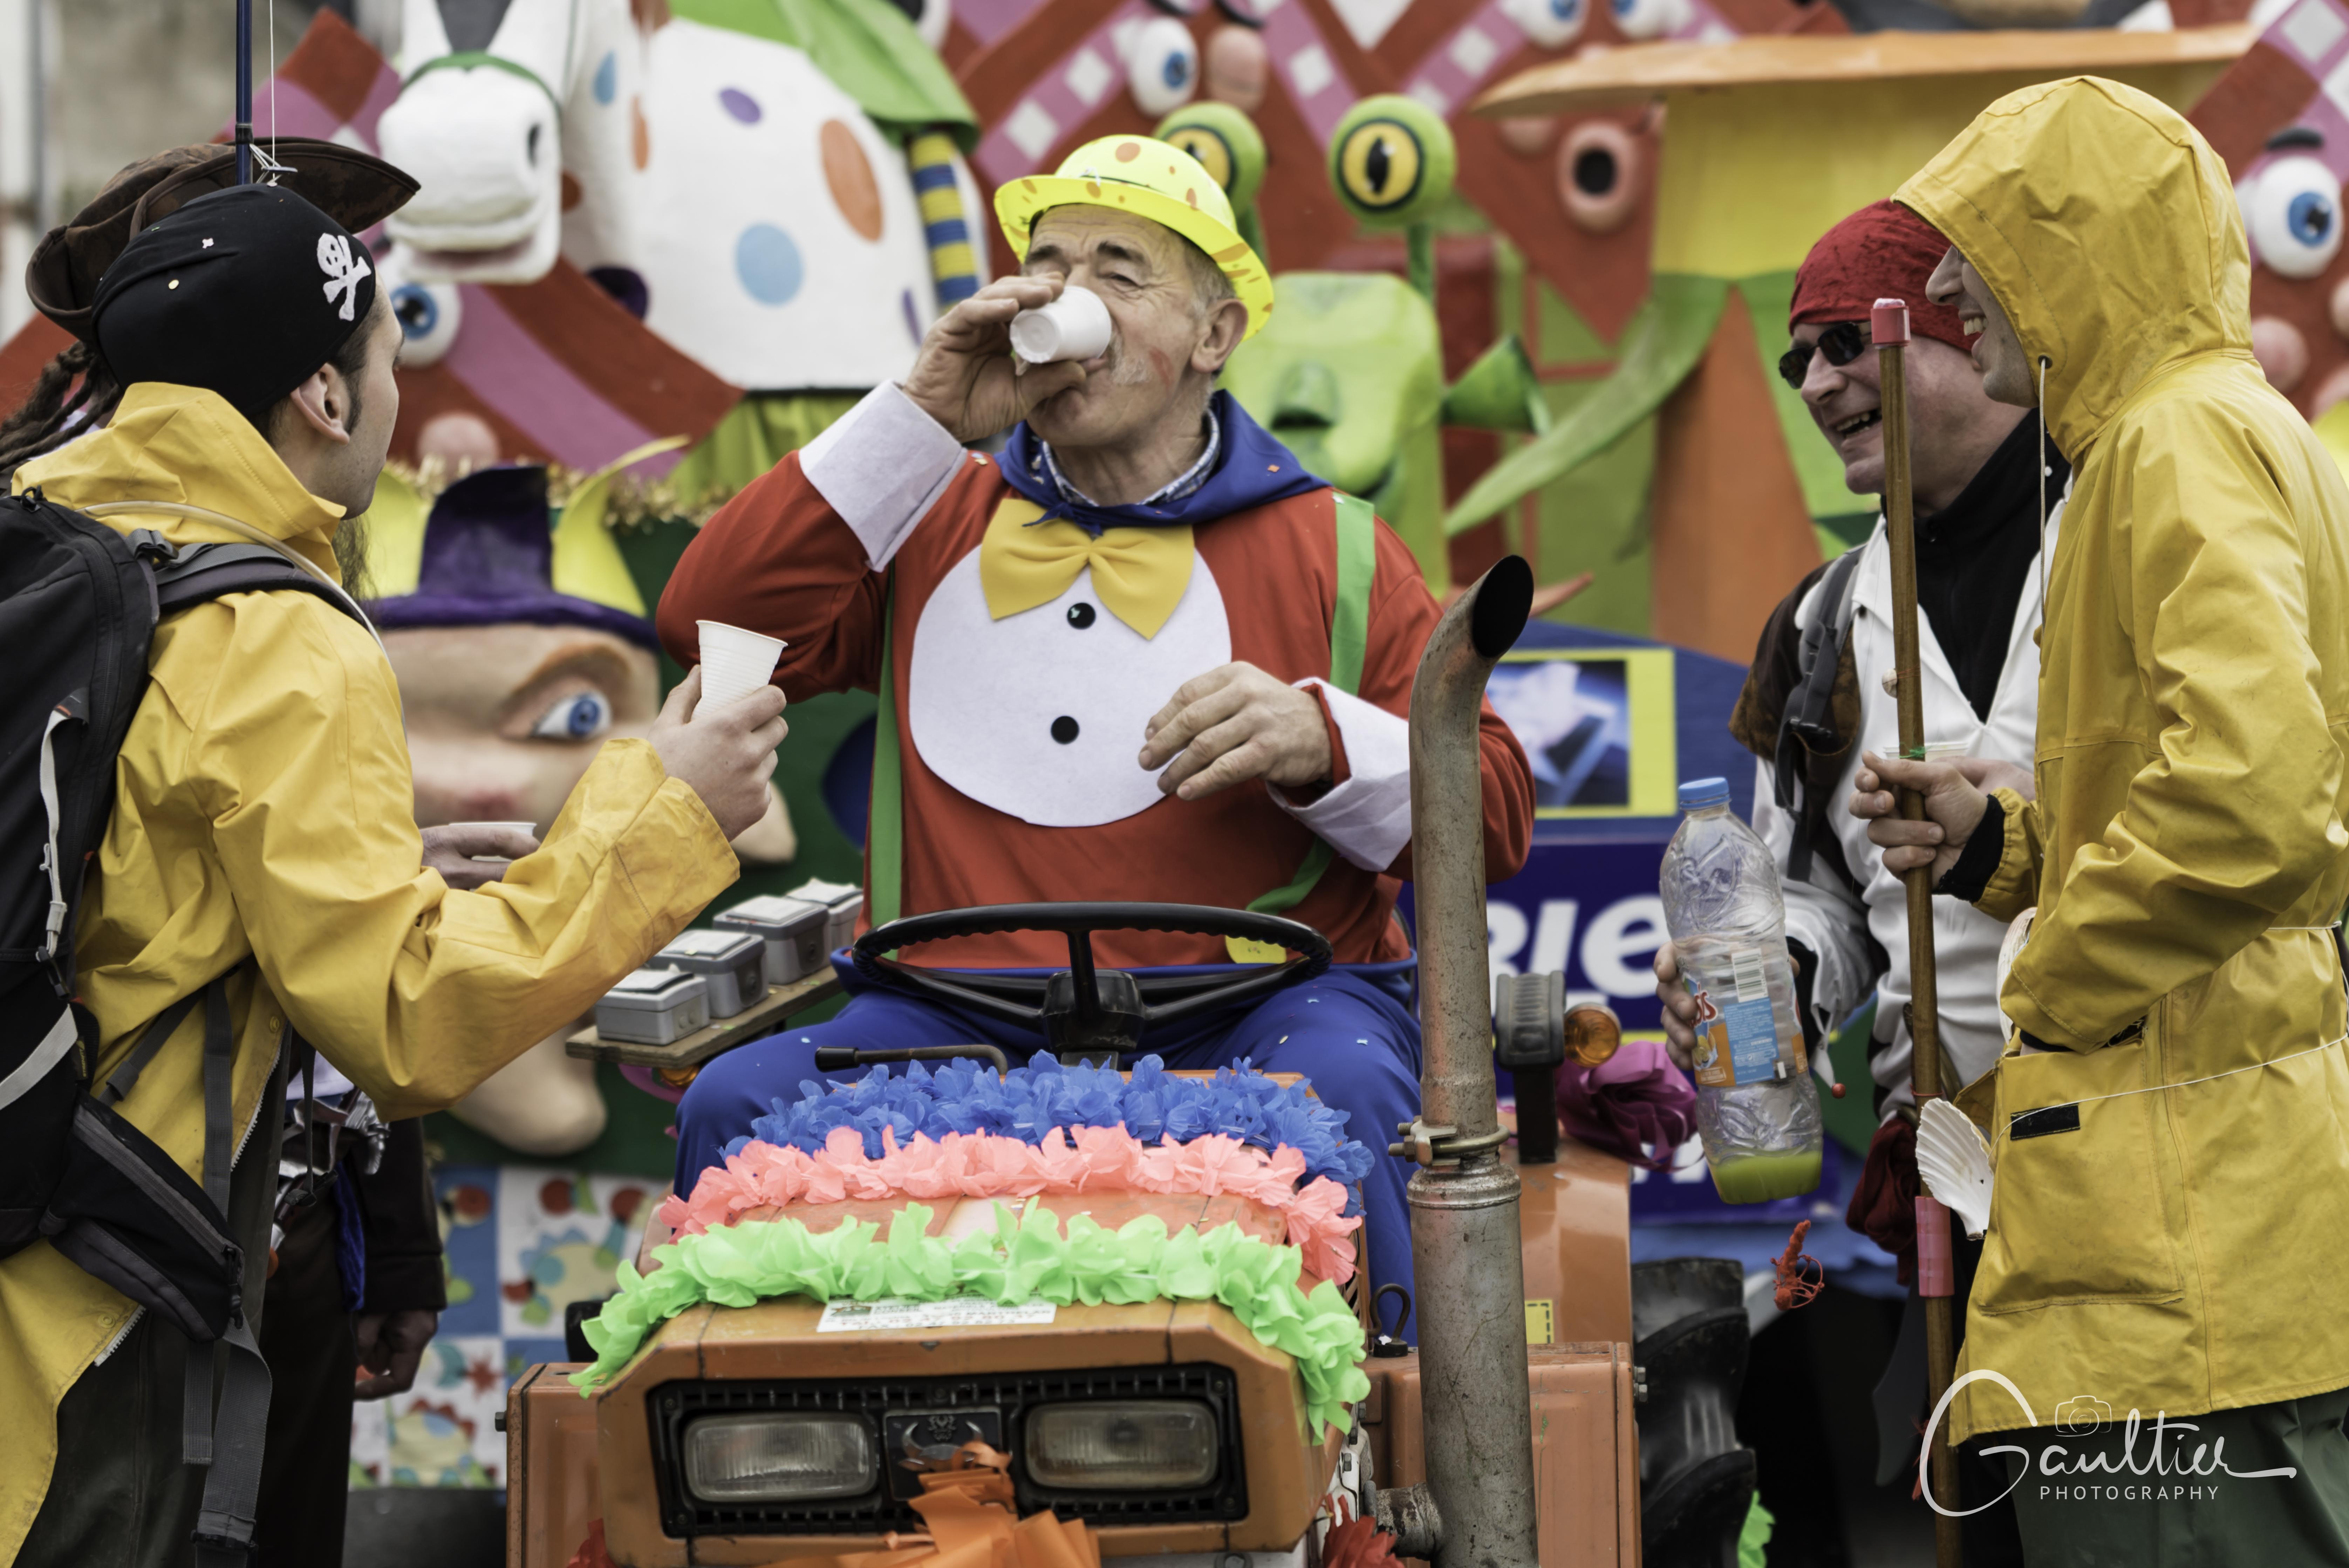 Carnaval de MANTHELAN 2018